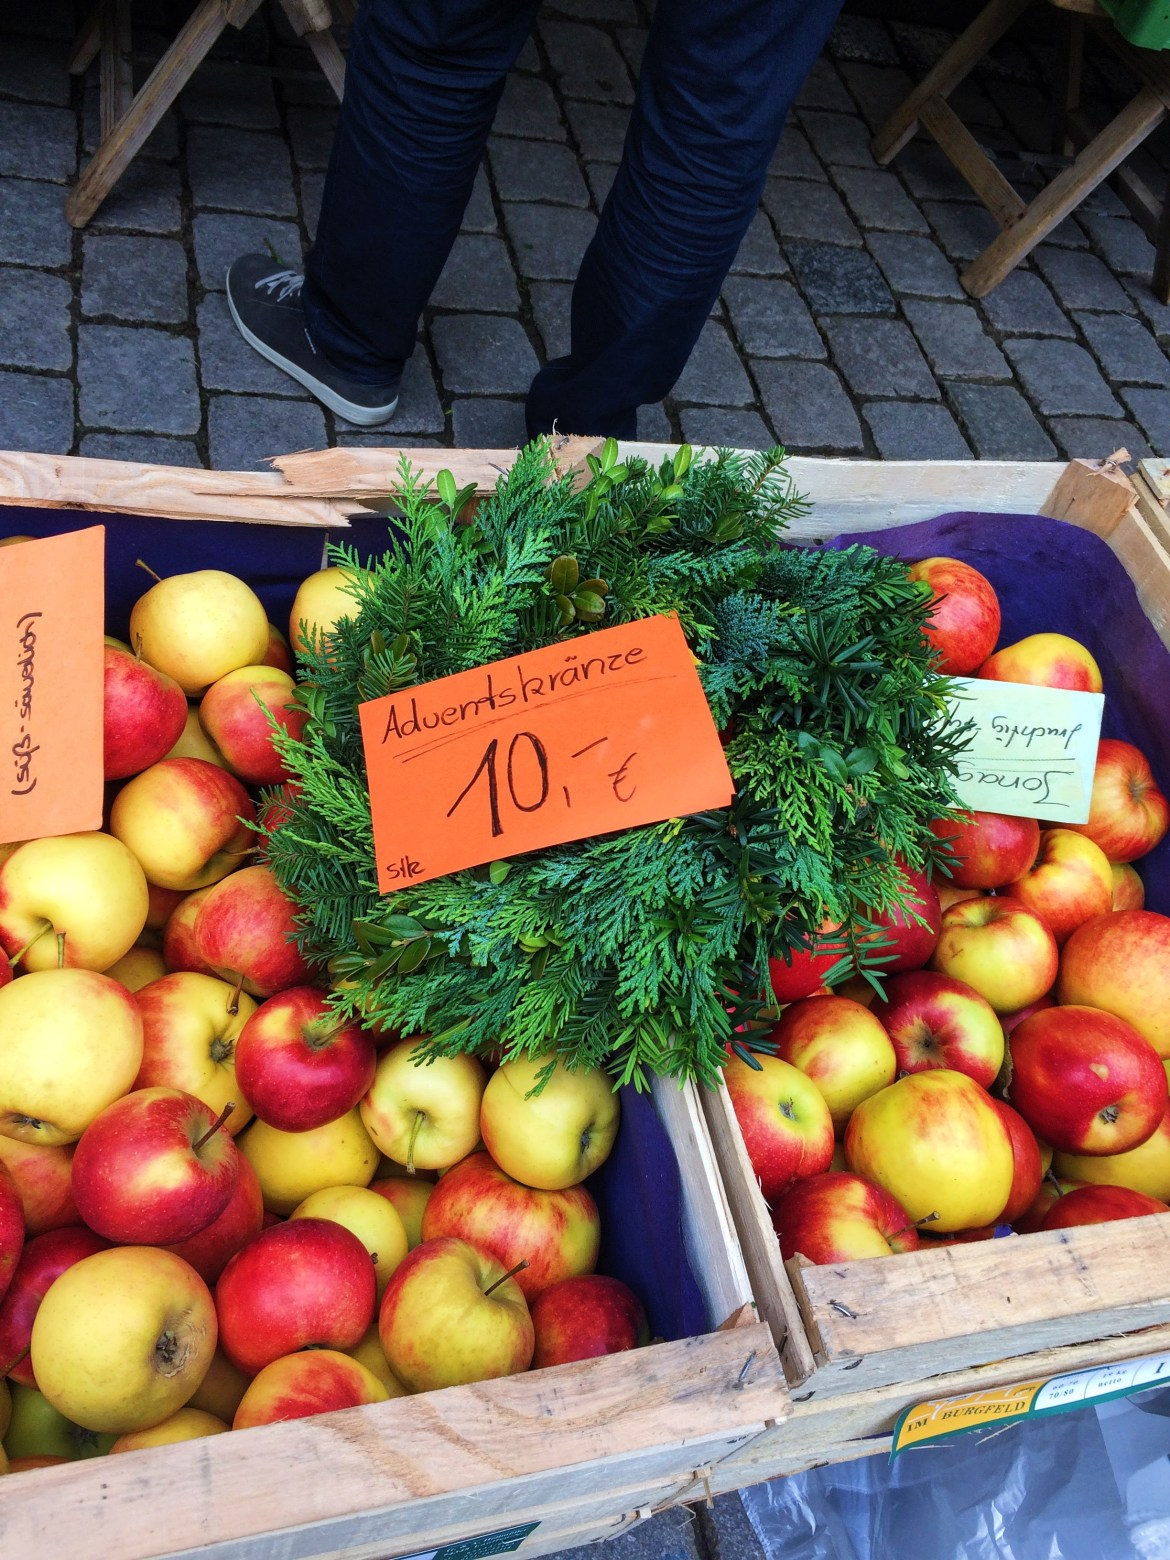 Tübingen Apples Marktplatz